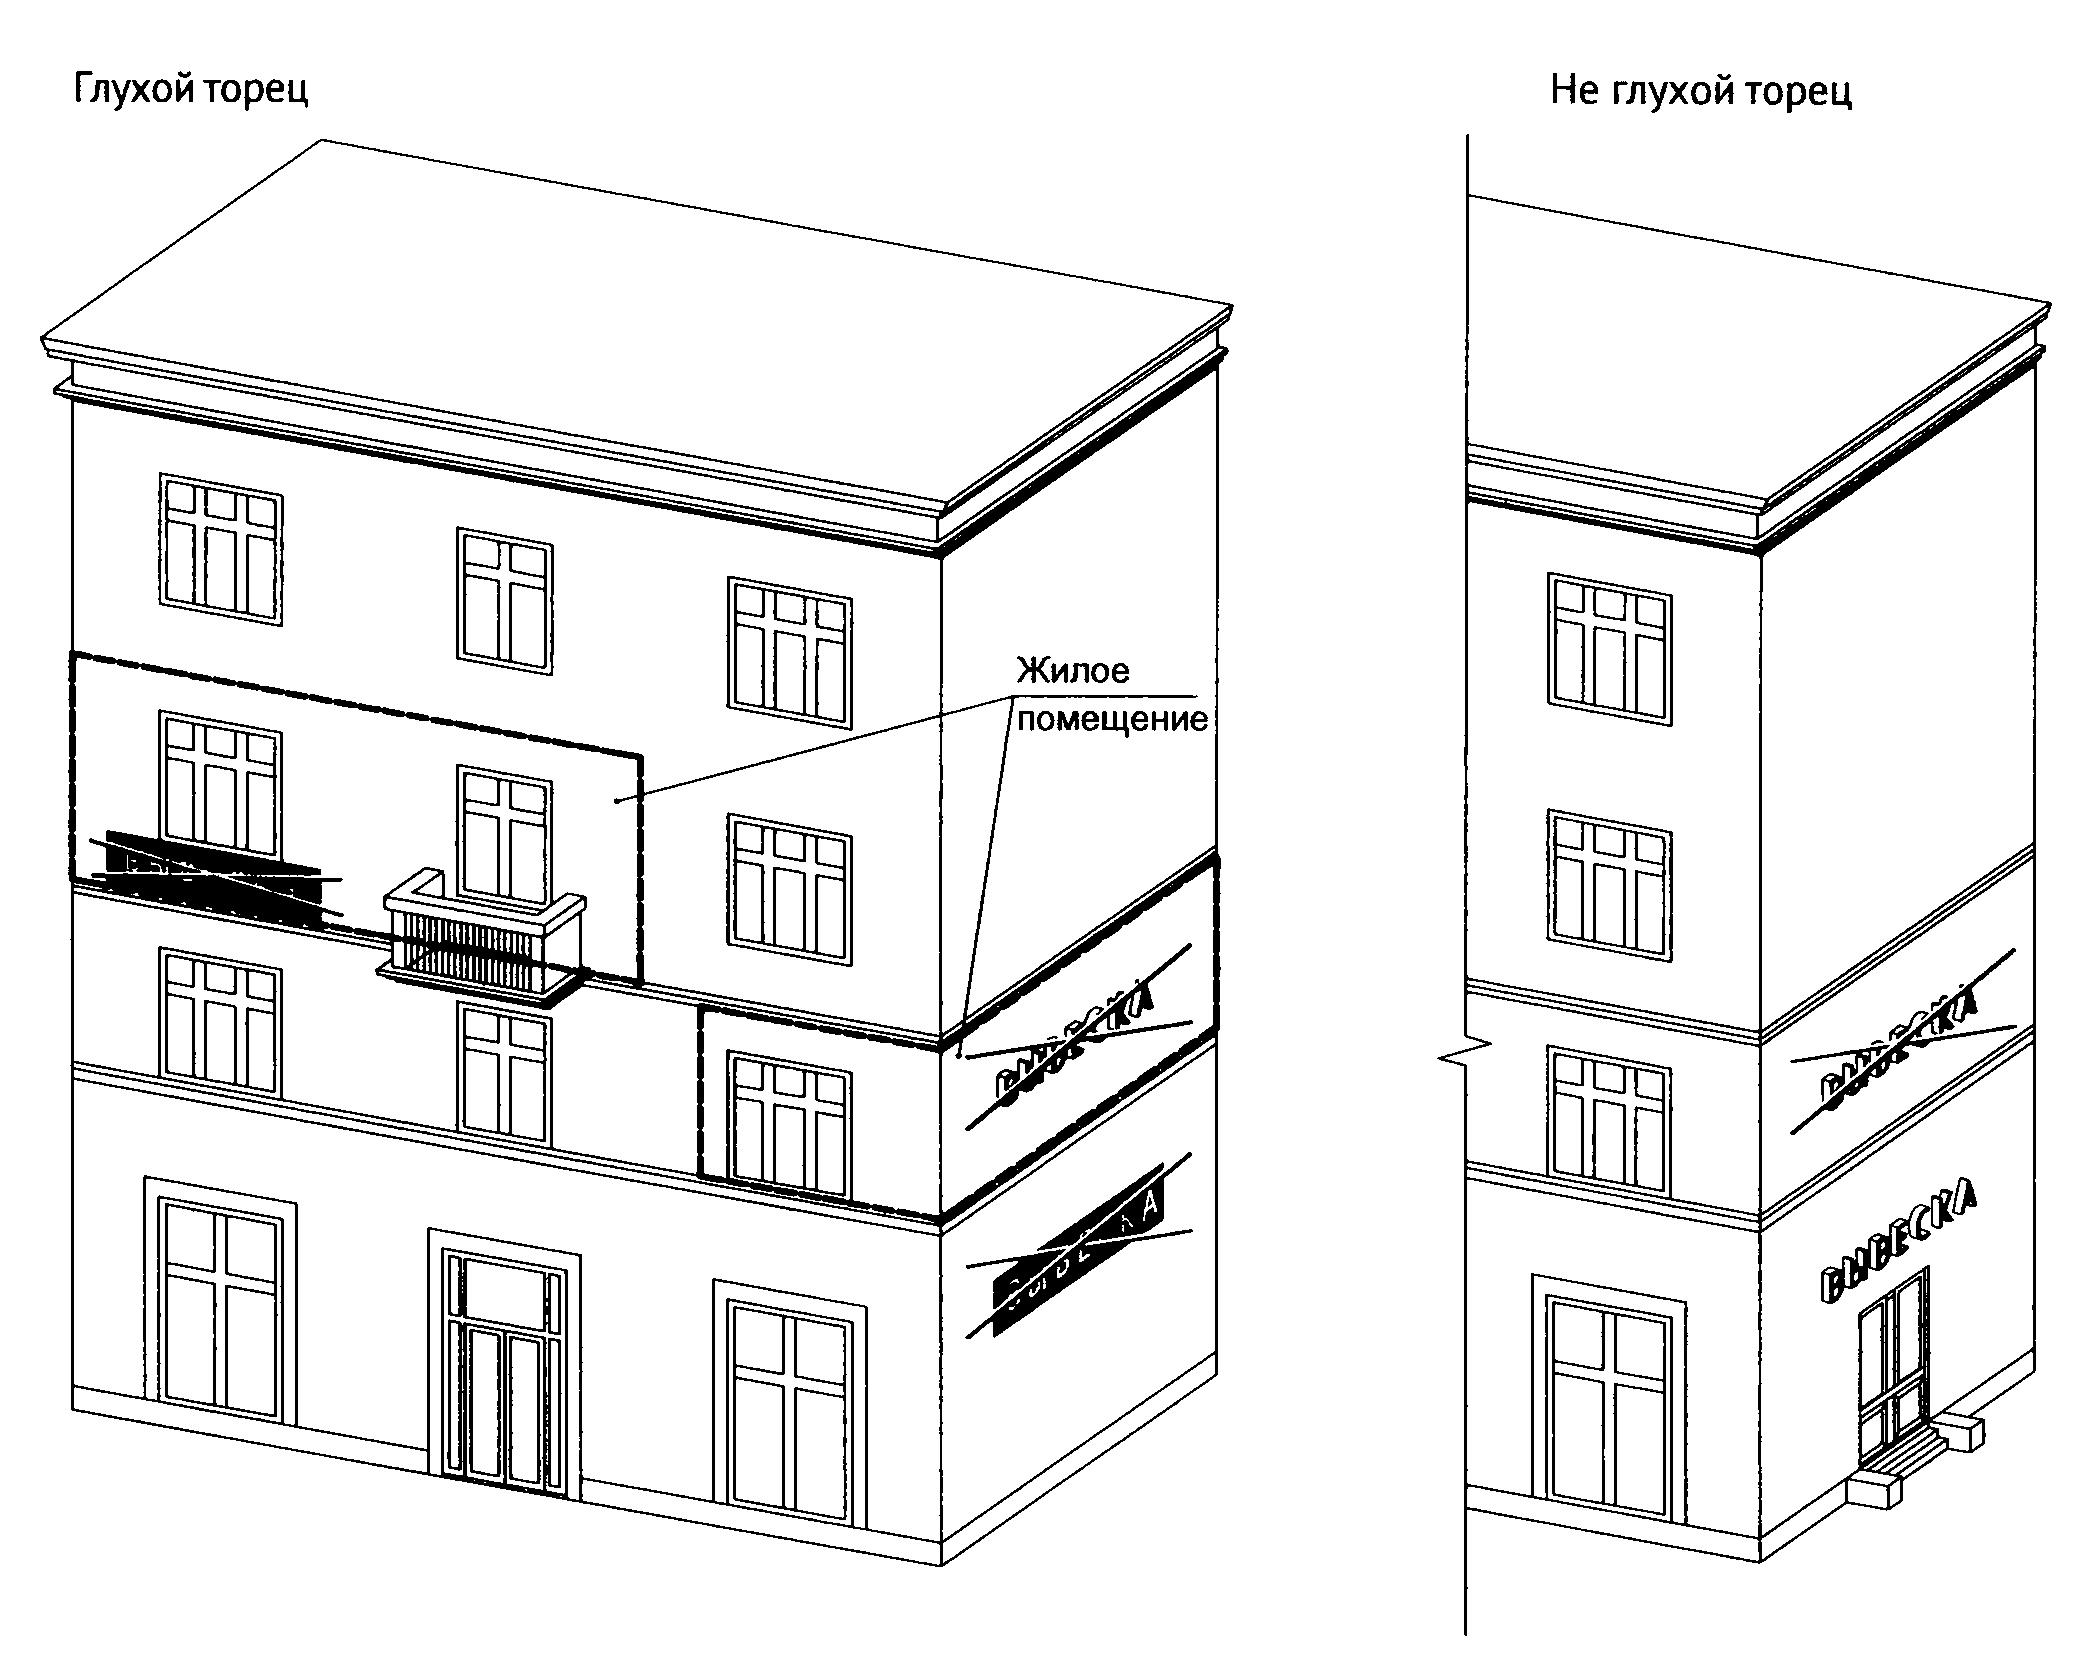 Торец здания, как выглядит, что имеется в виду, понятие